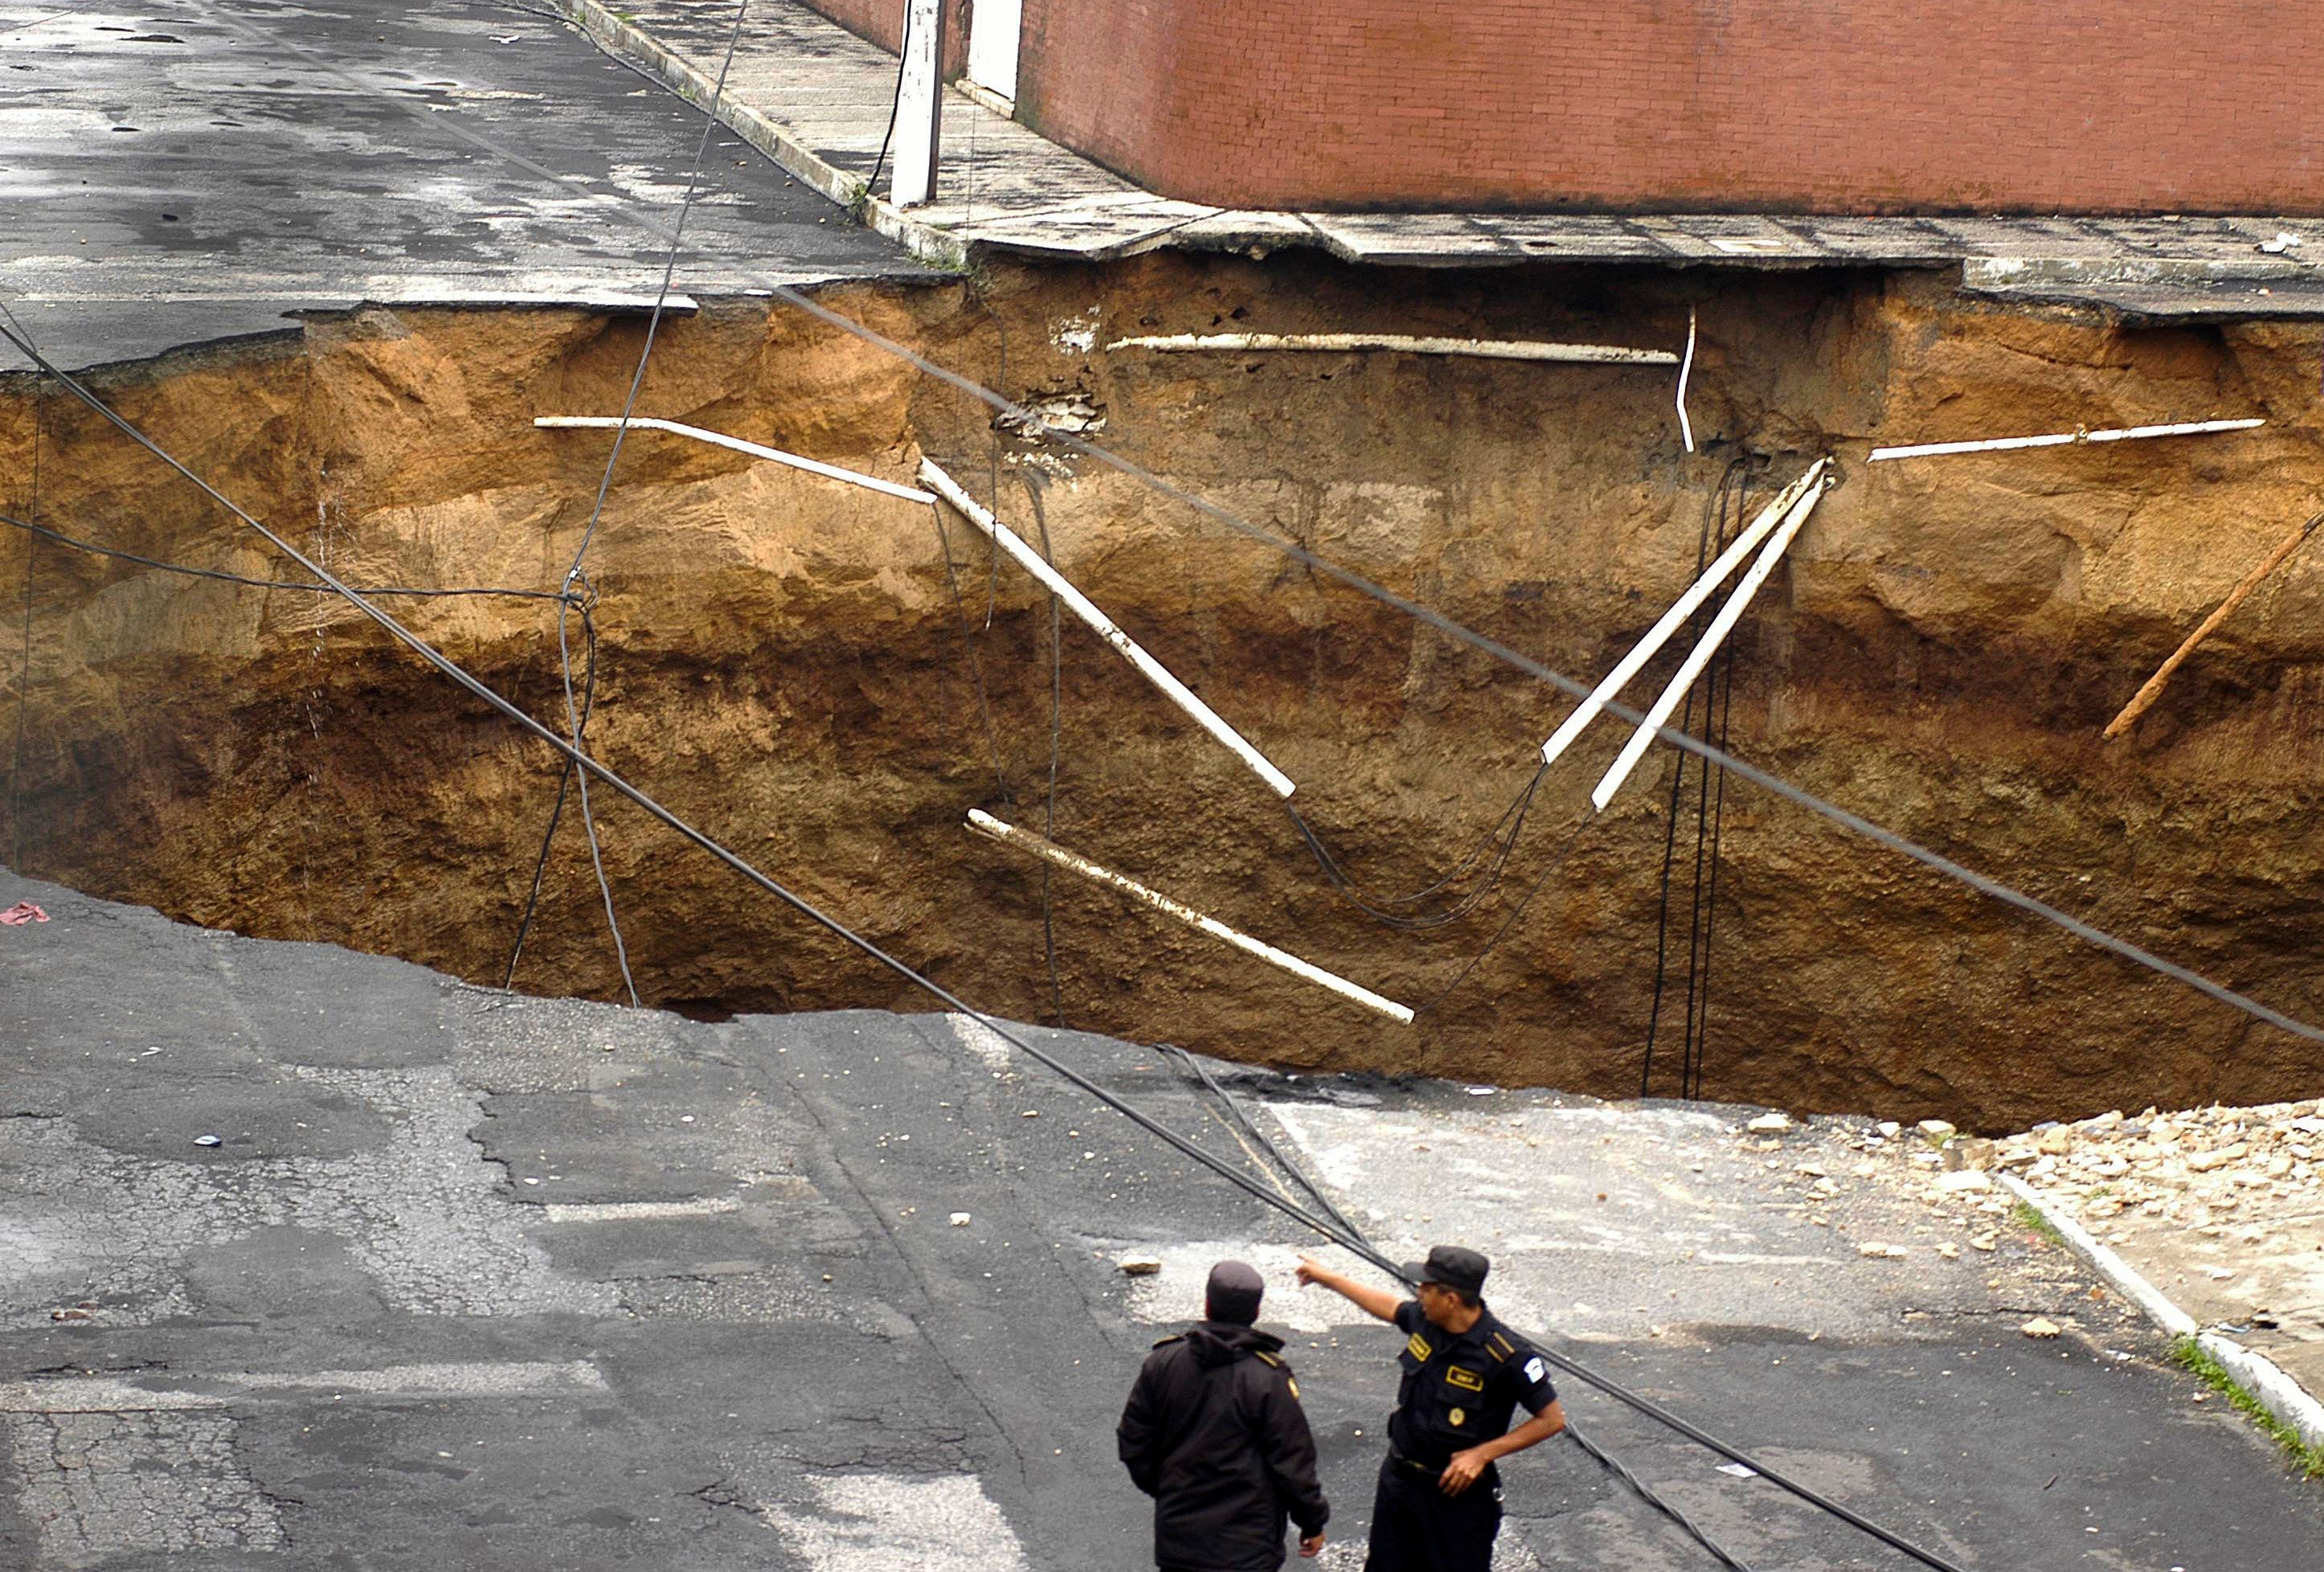 Ιταλία: Τεράστιος κρατήρας σε κεντρική περιοχή της Ρώμης «κατάπιε» 8